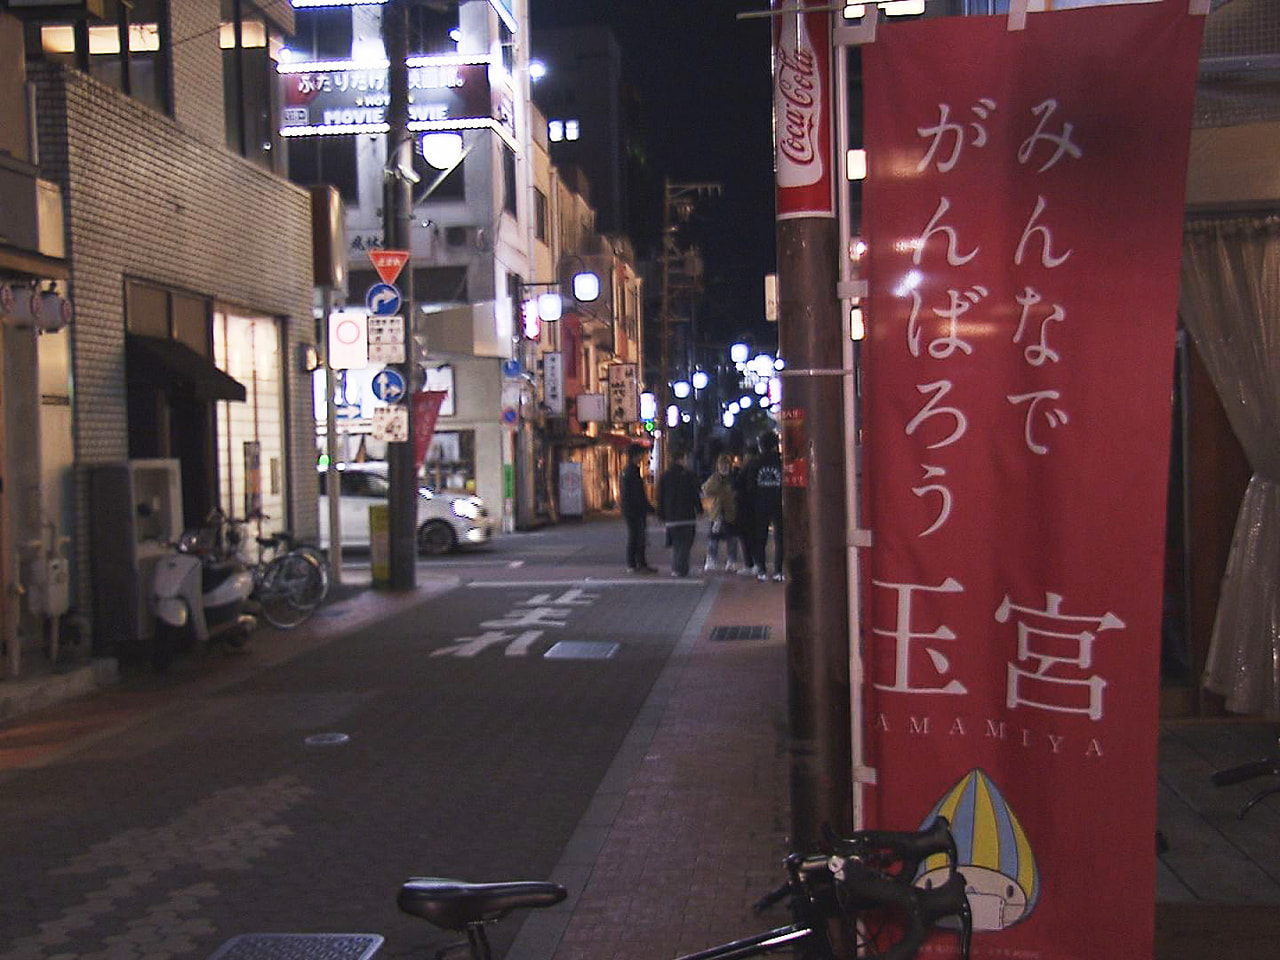 新型コロナウイルス感染拡大による岐阜県独自の非常事態宣言に伴い、26日から県内9...